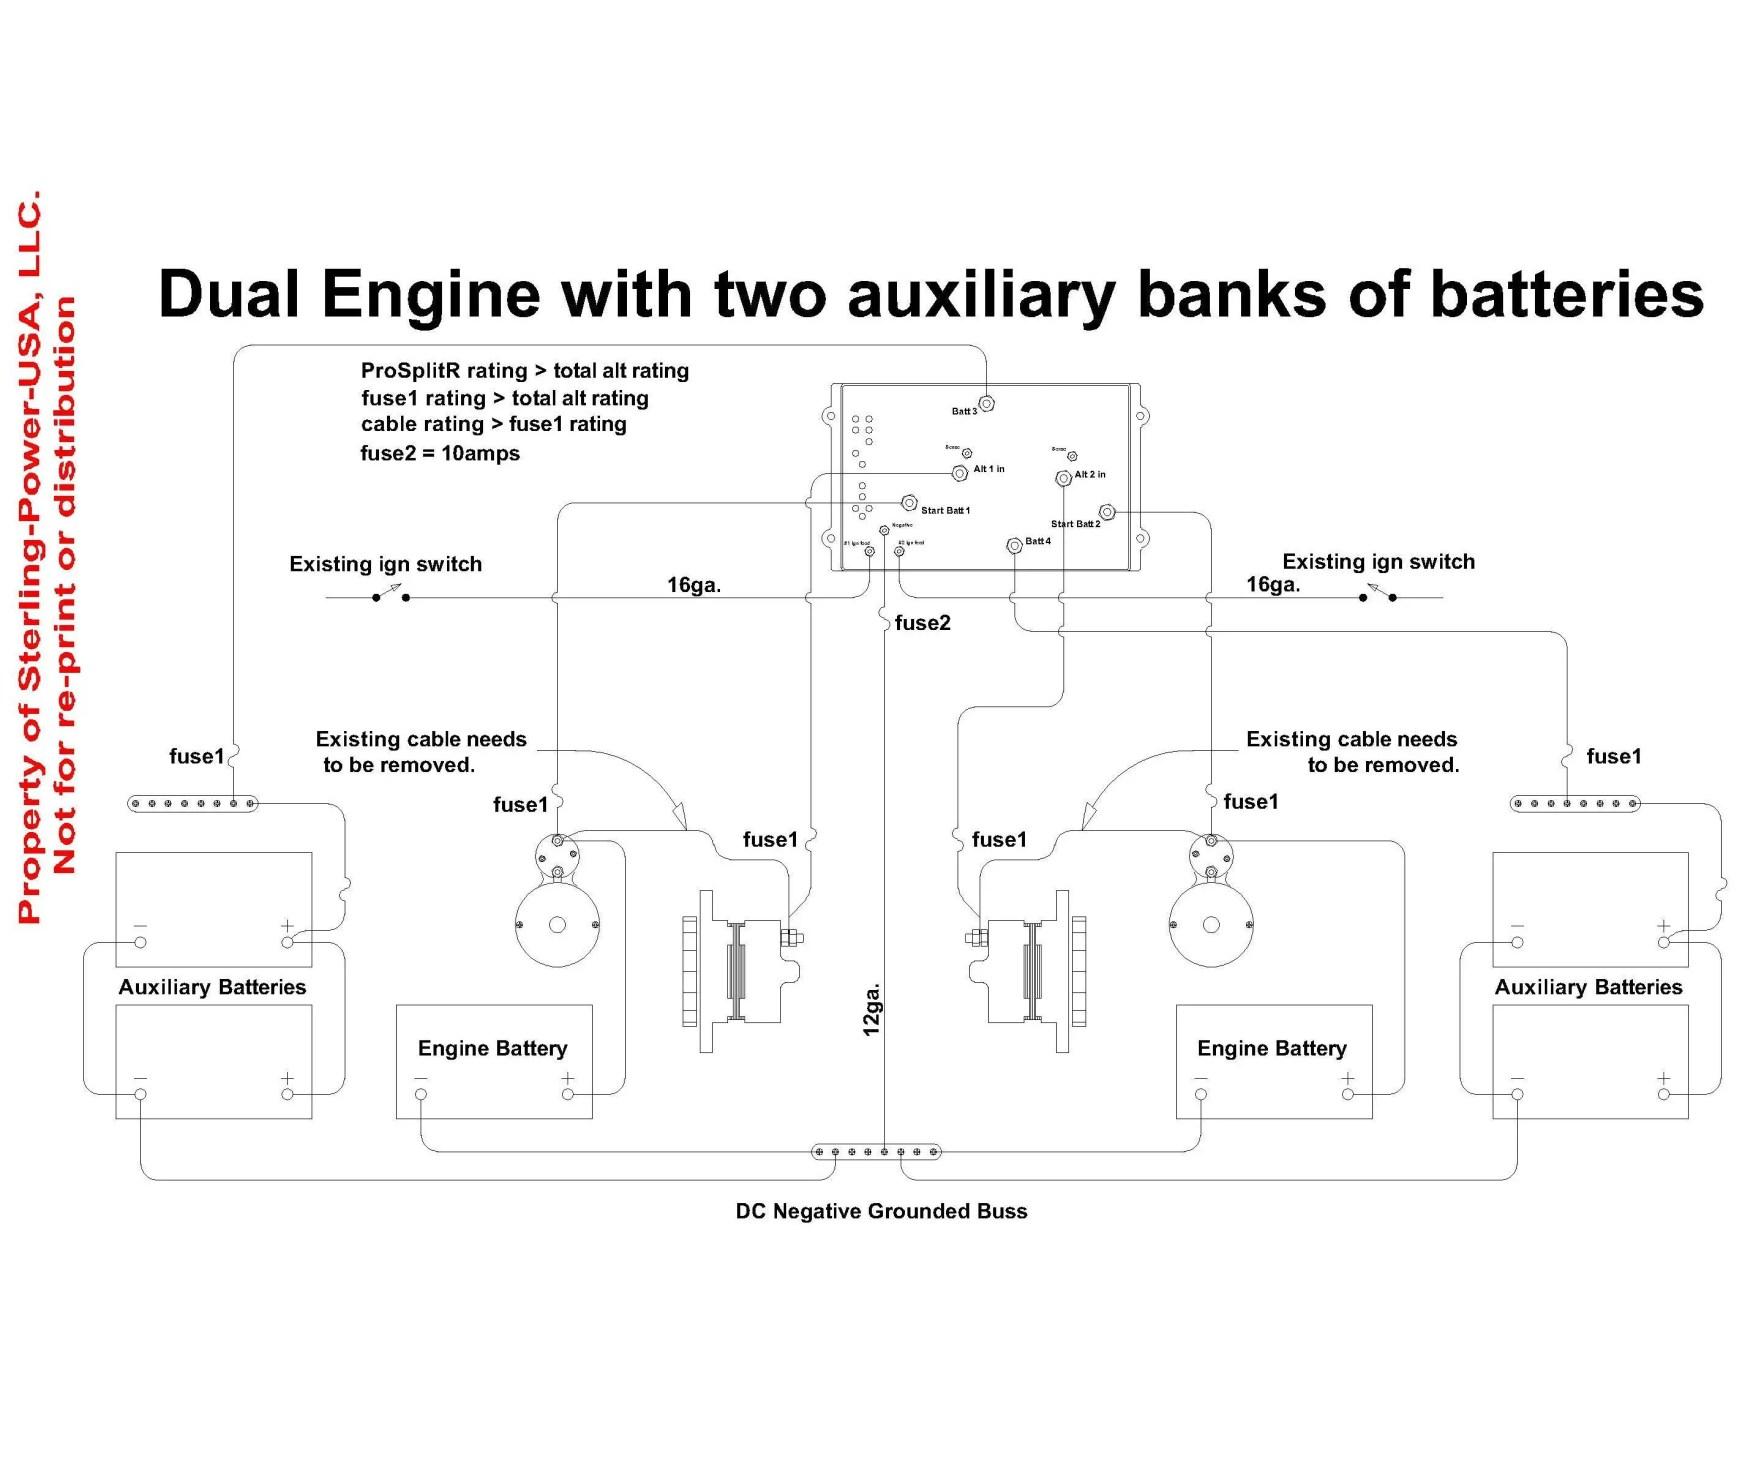 perko switch wiring diagram perko image wiring diagram boat battery isolator switch wiring diagram wiring diagram on perko switch wiring diagram